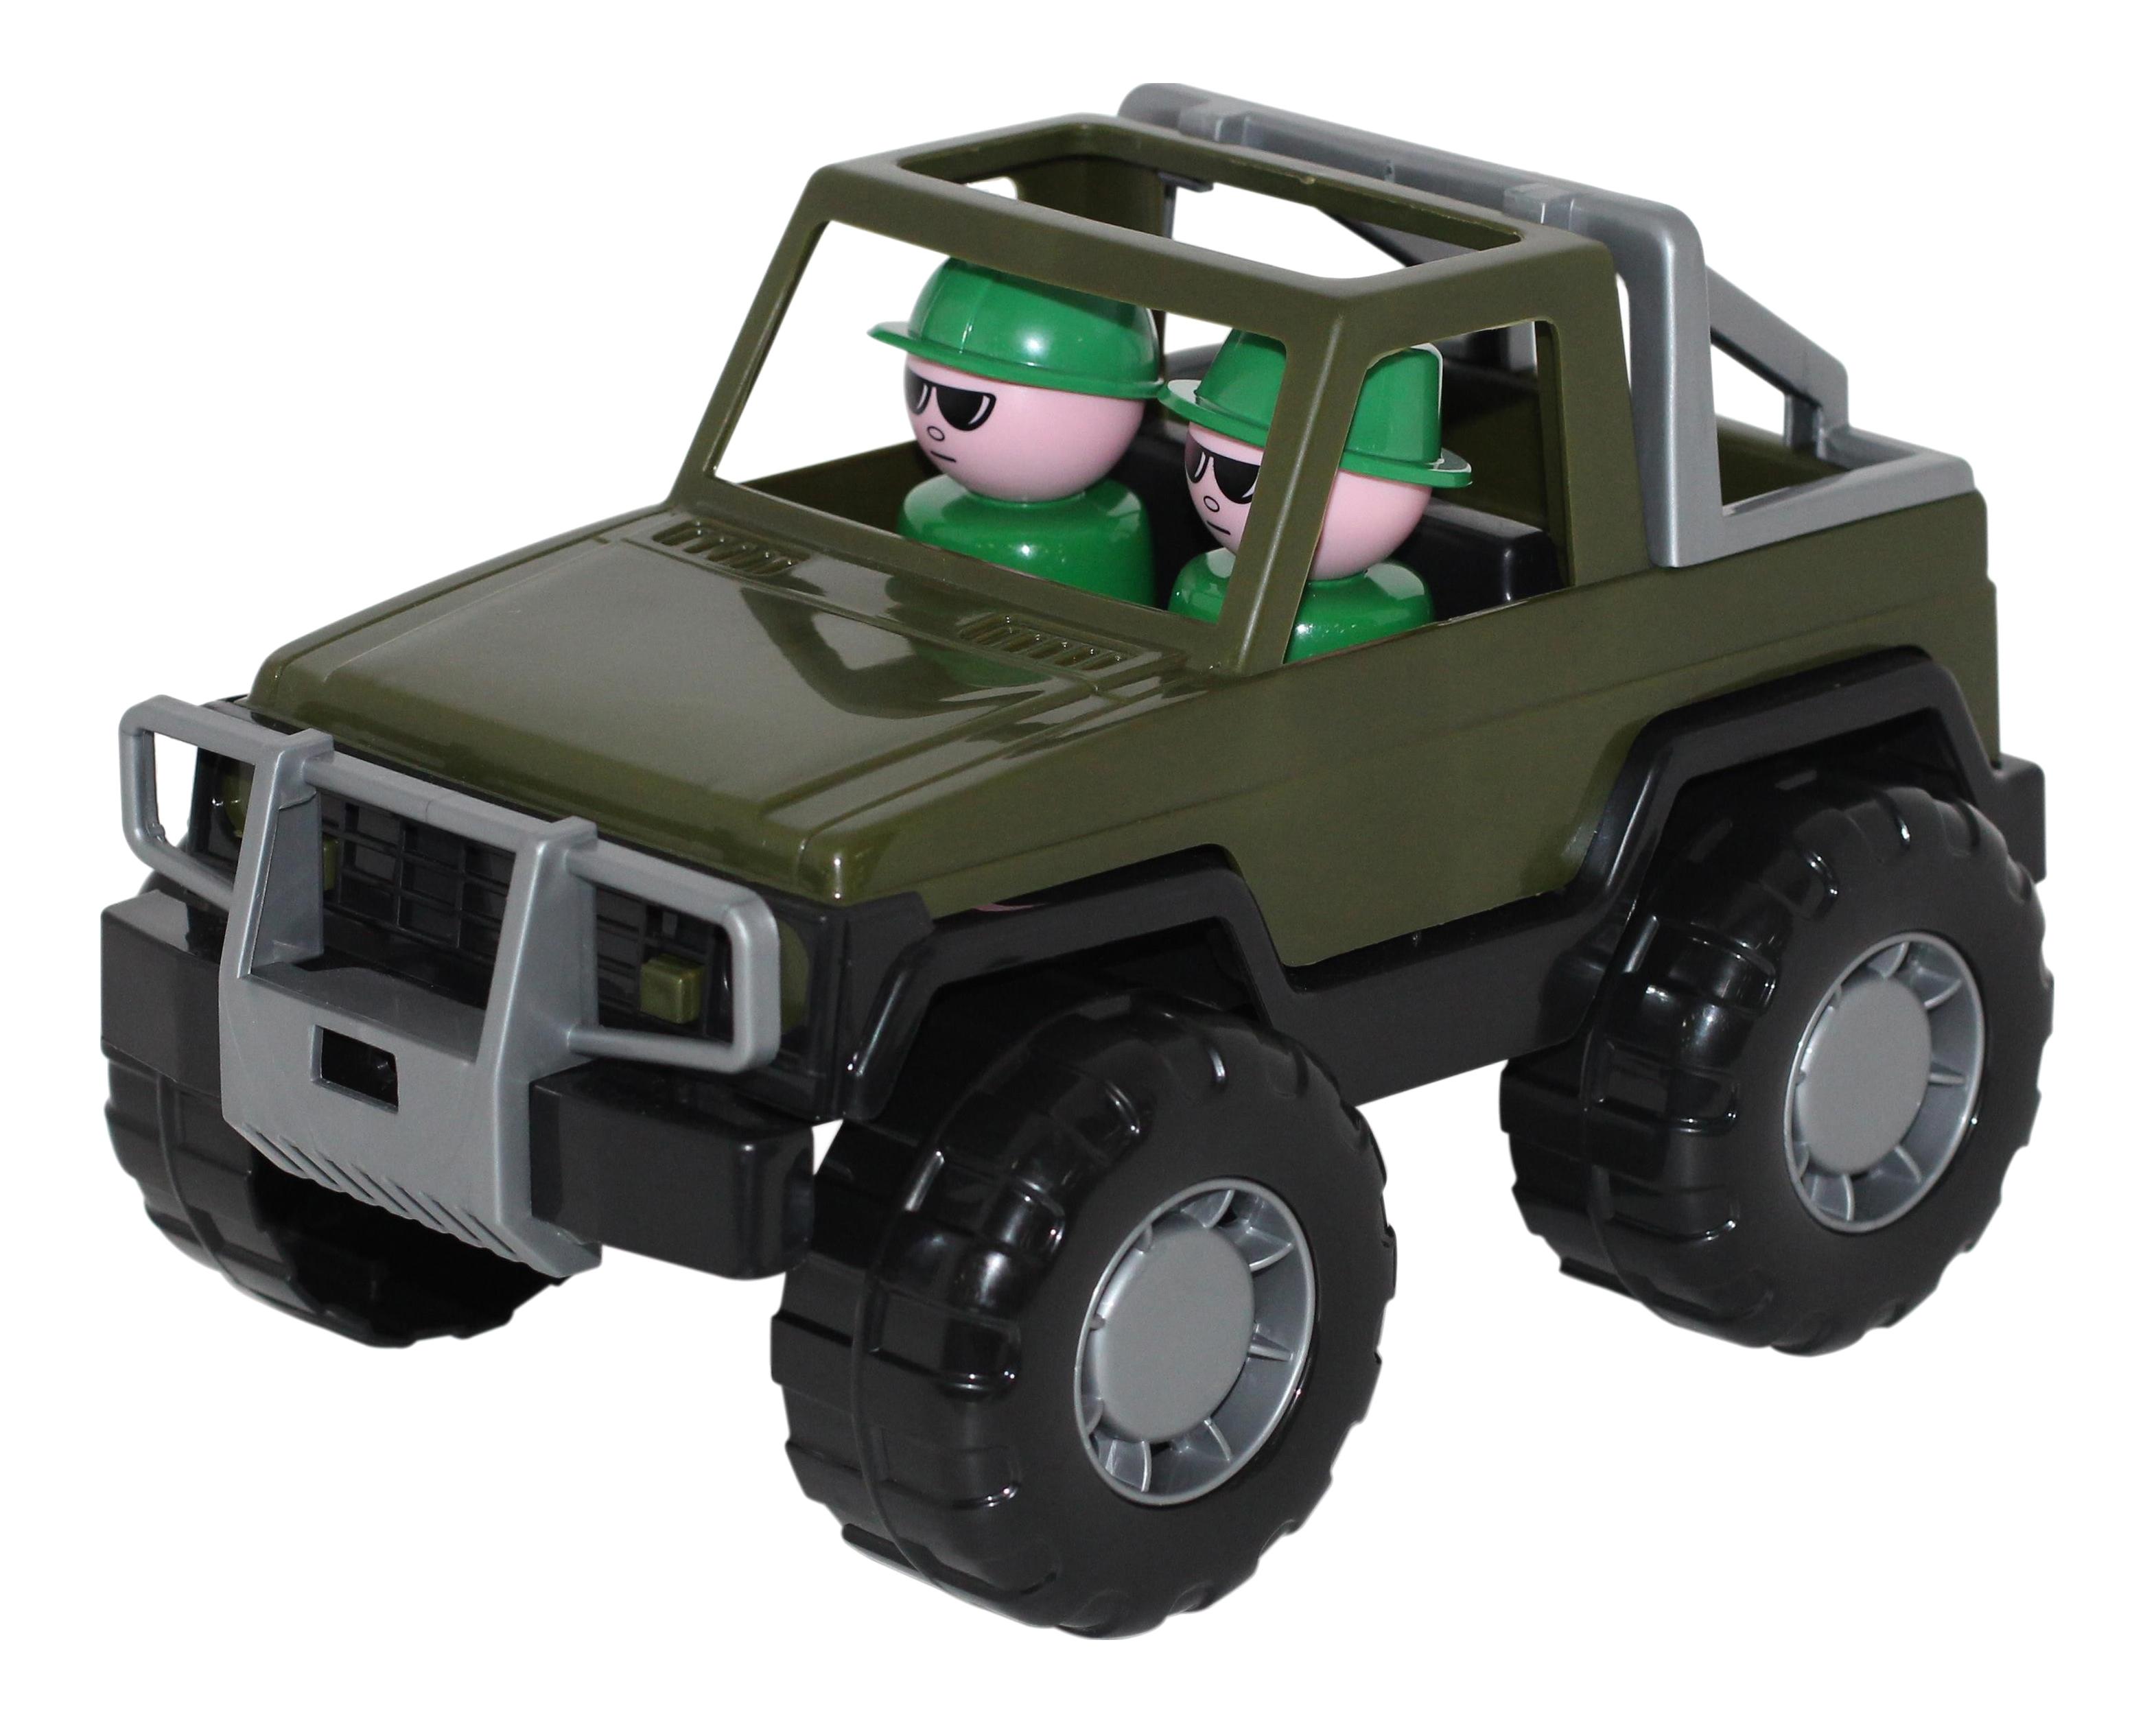 Купить Военный джип сафари, Военный Джип Полесье Cафари, Военный транспорт